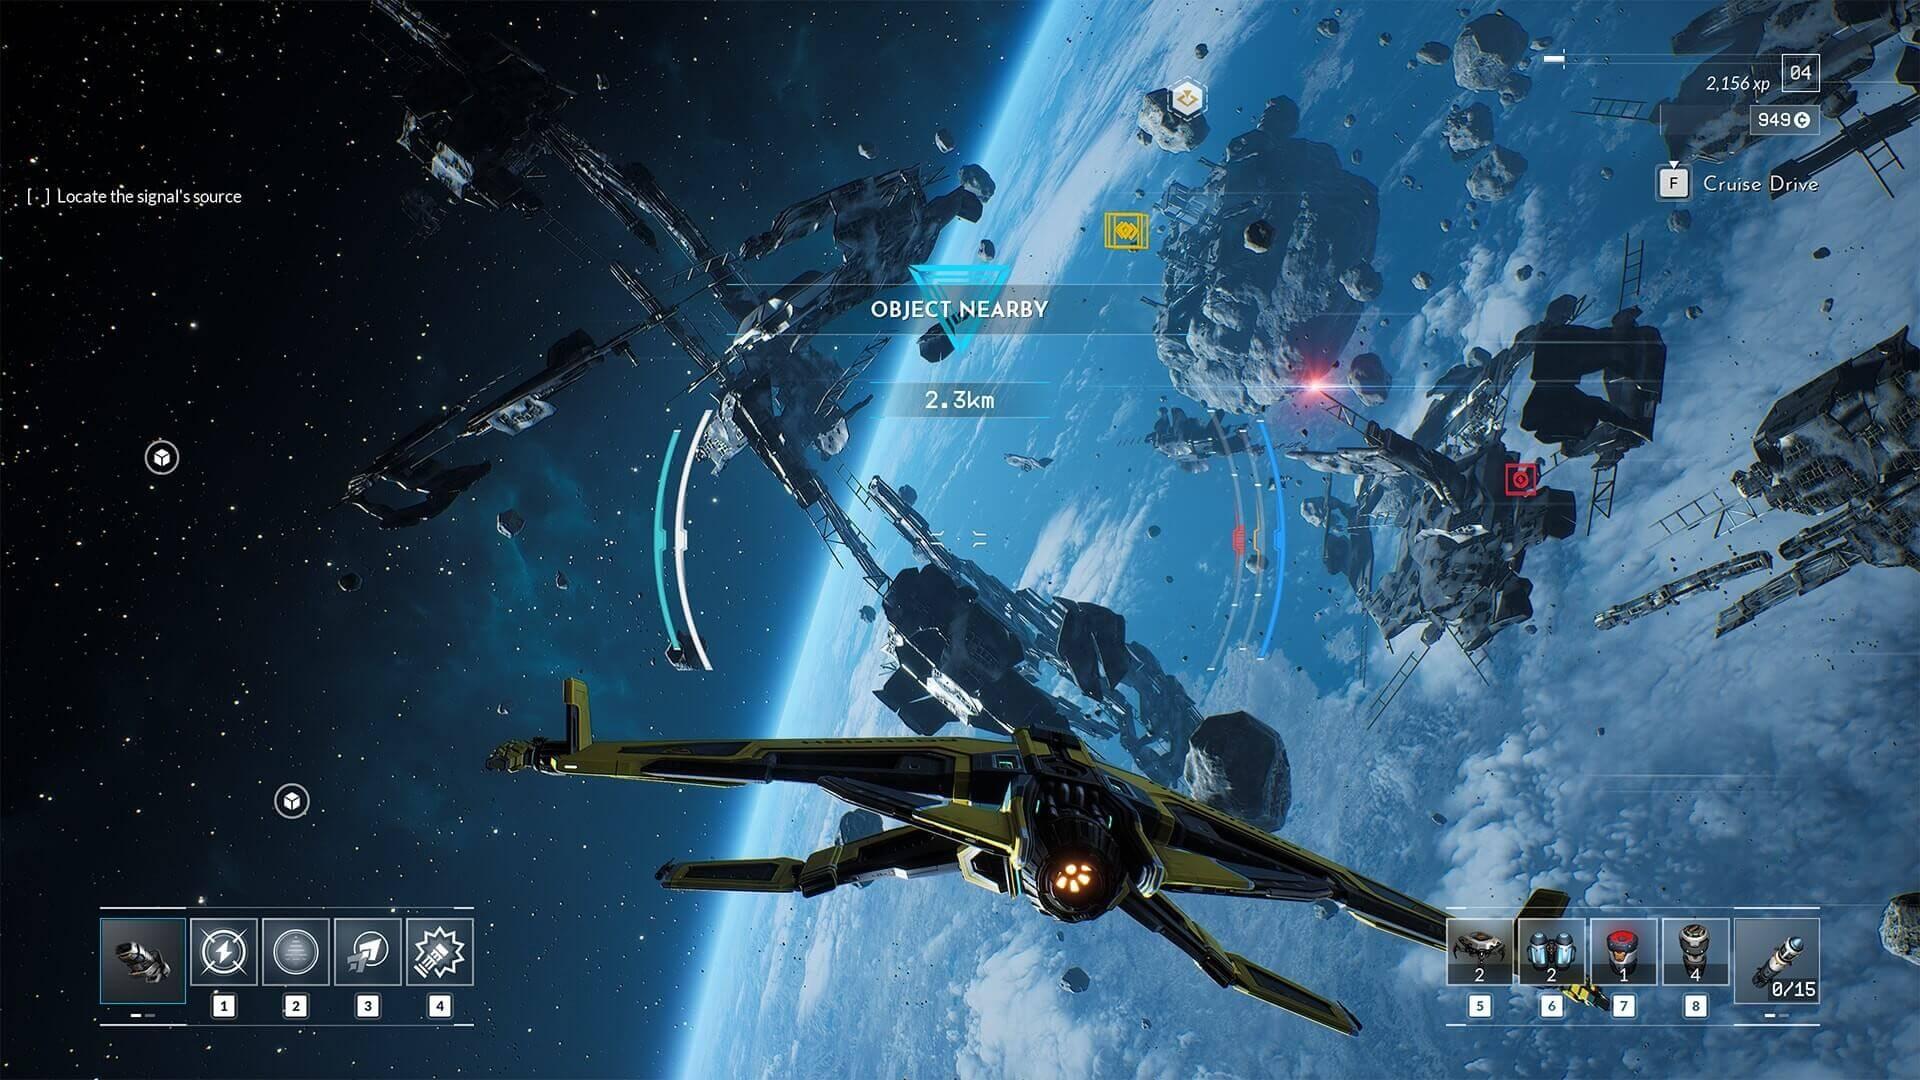 《永恒空间 2》的Kickstarter众筹跳票了,但是却因此带来了额外的愿望单人数。